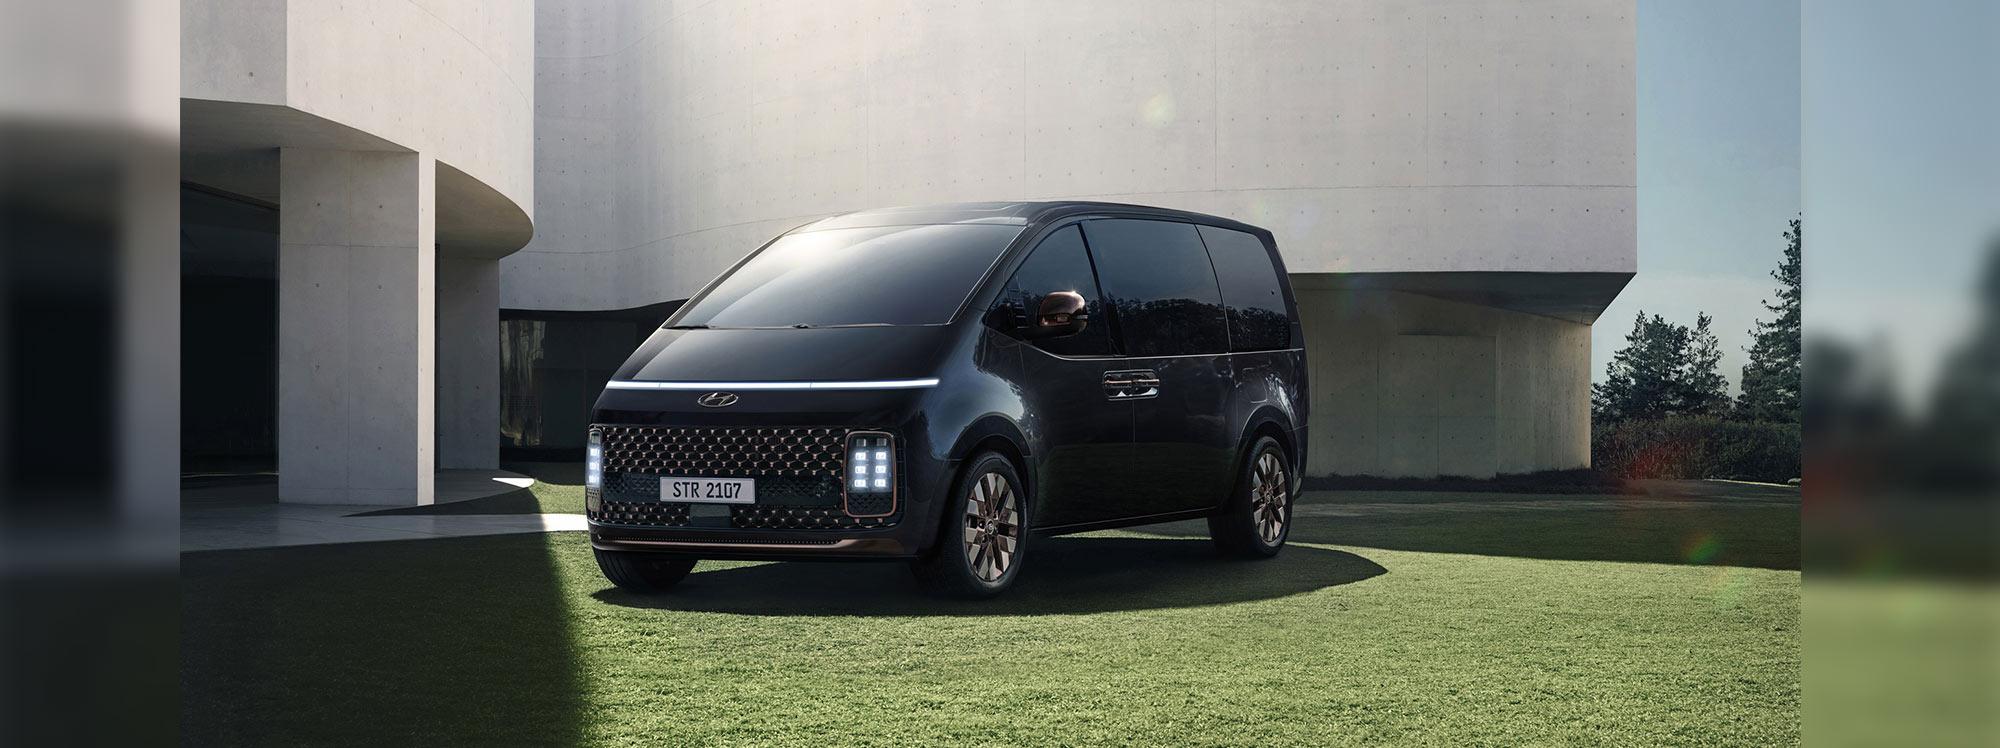 Hyundai Staria, una mirada futurista a los vehículos multipropósito